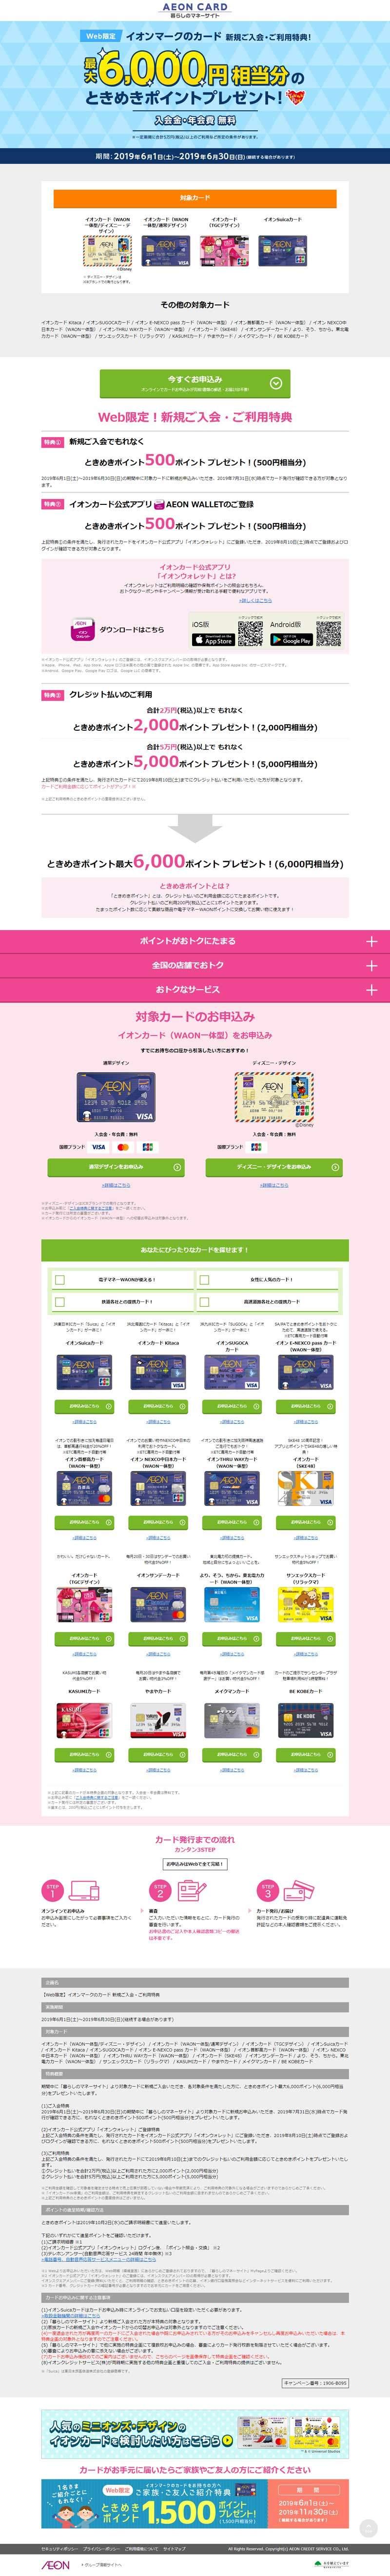 イオンカード(WAON一体型)、2019年6月1日(土)~2019年6月30日(日)までの新規入会申込みキャンペーンページのキャプチャー画像